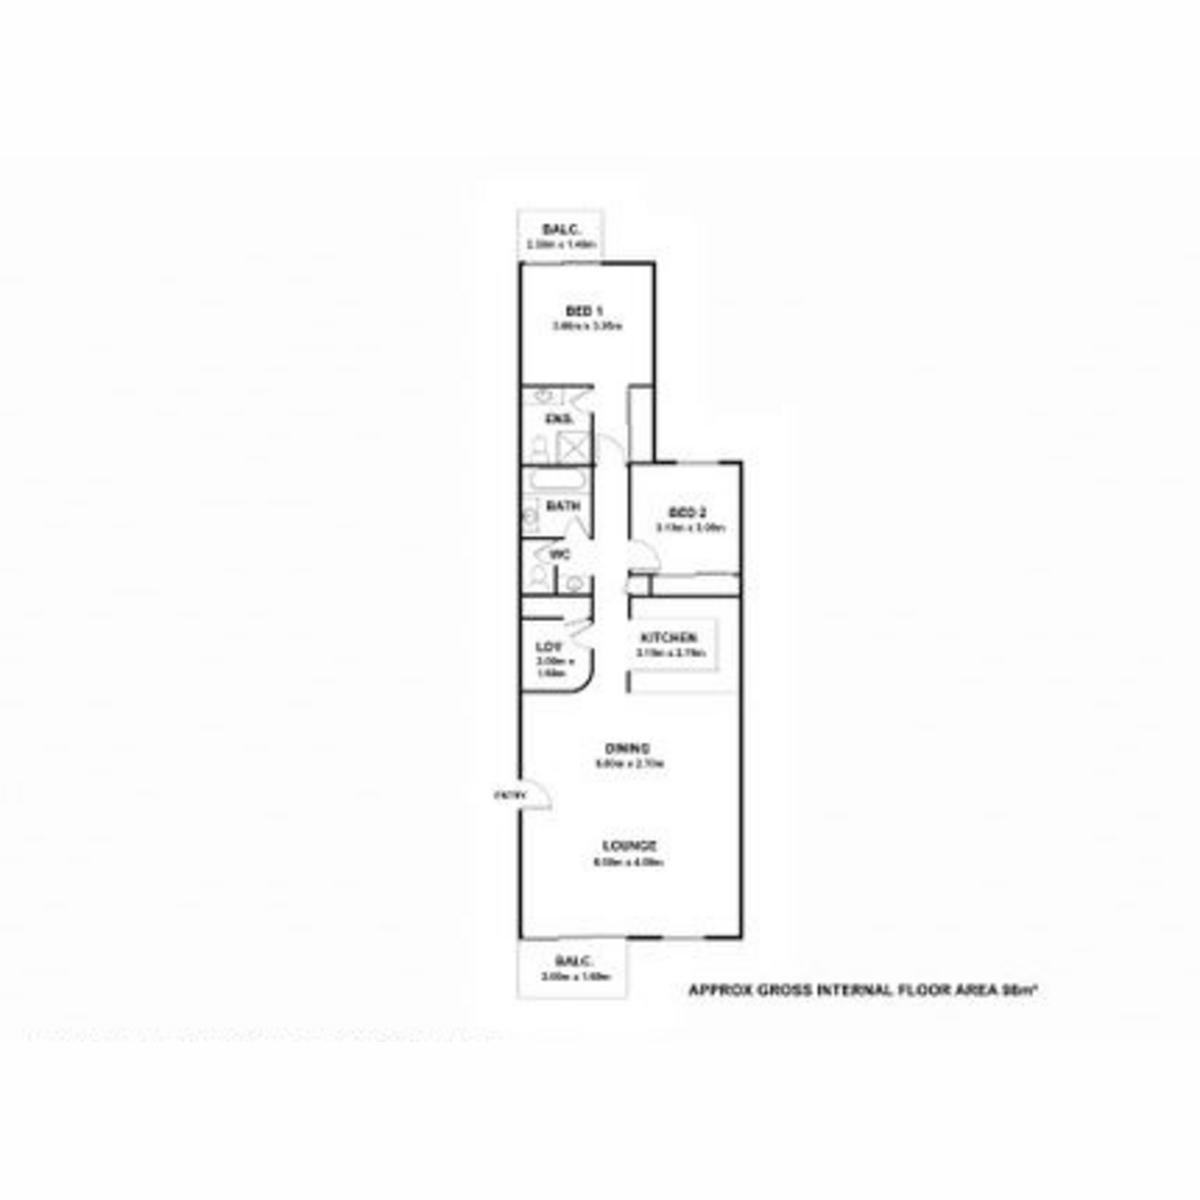 11/46 Lani Street, Wishart  QLD  4122